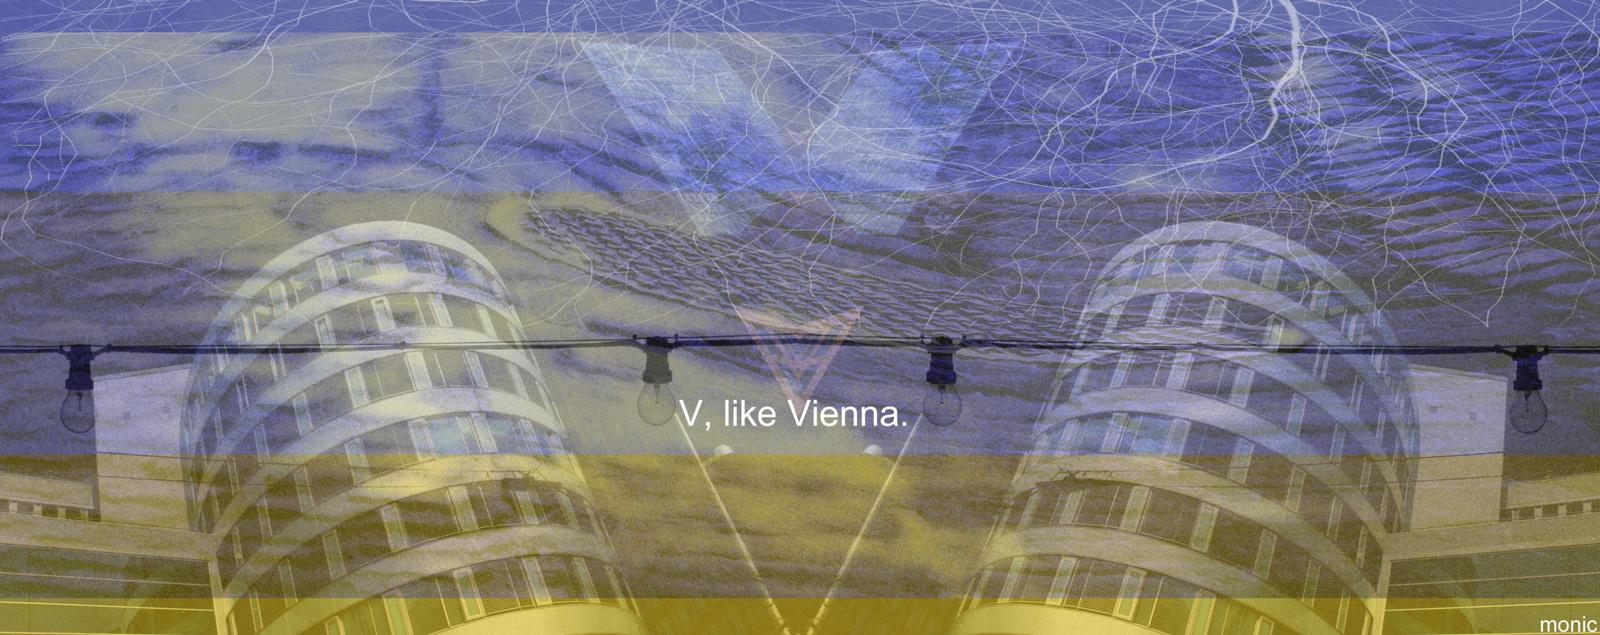 V, like Vienna.